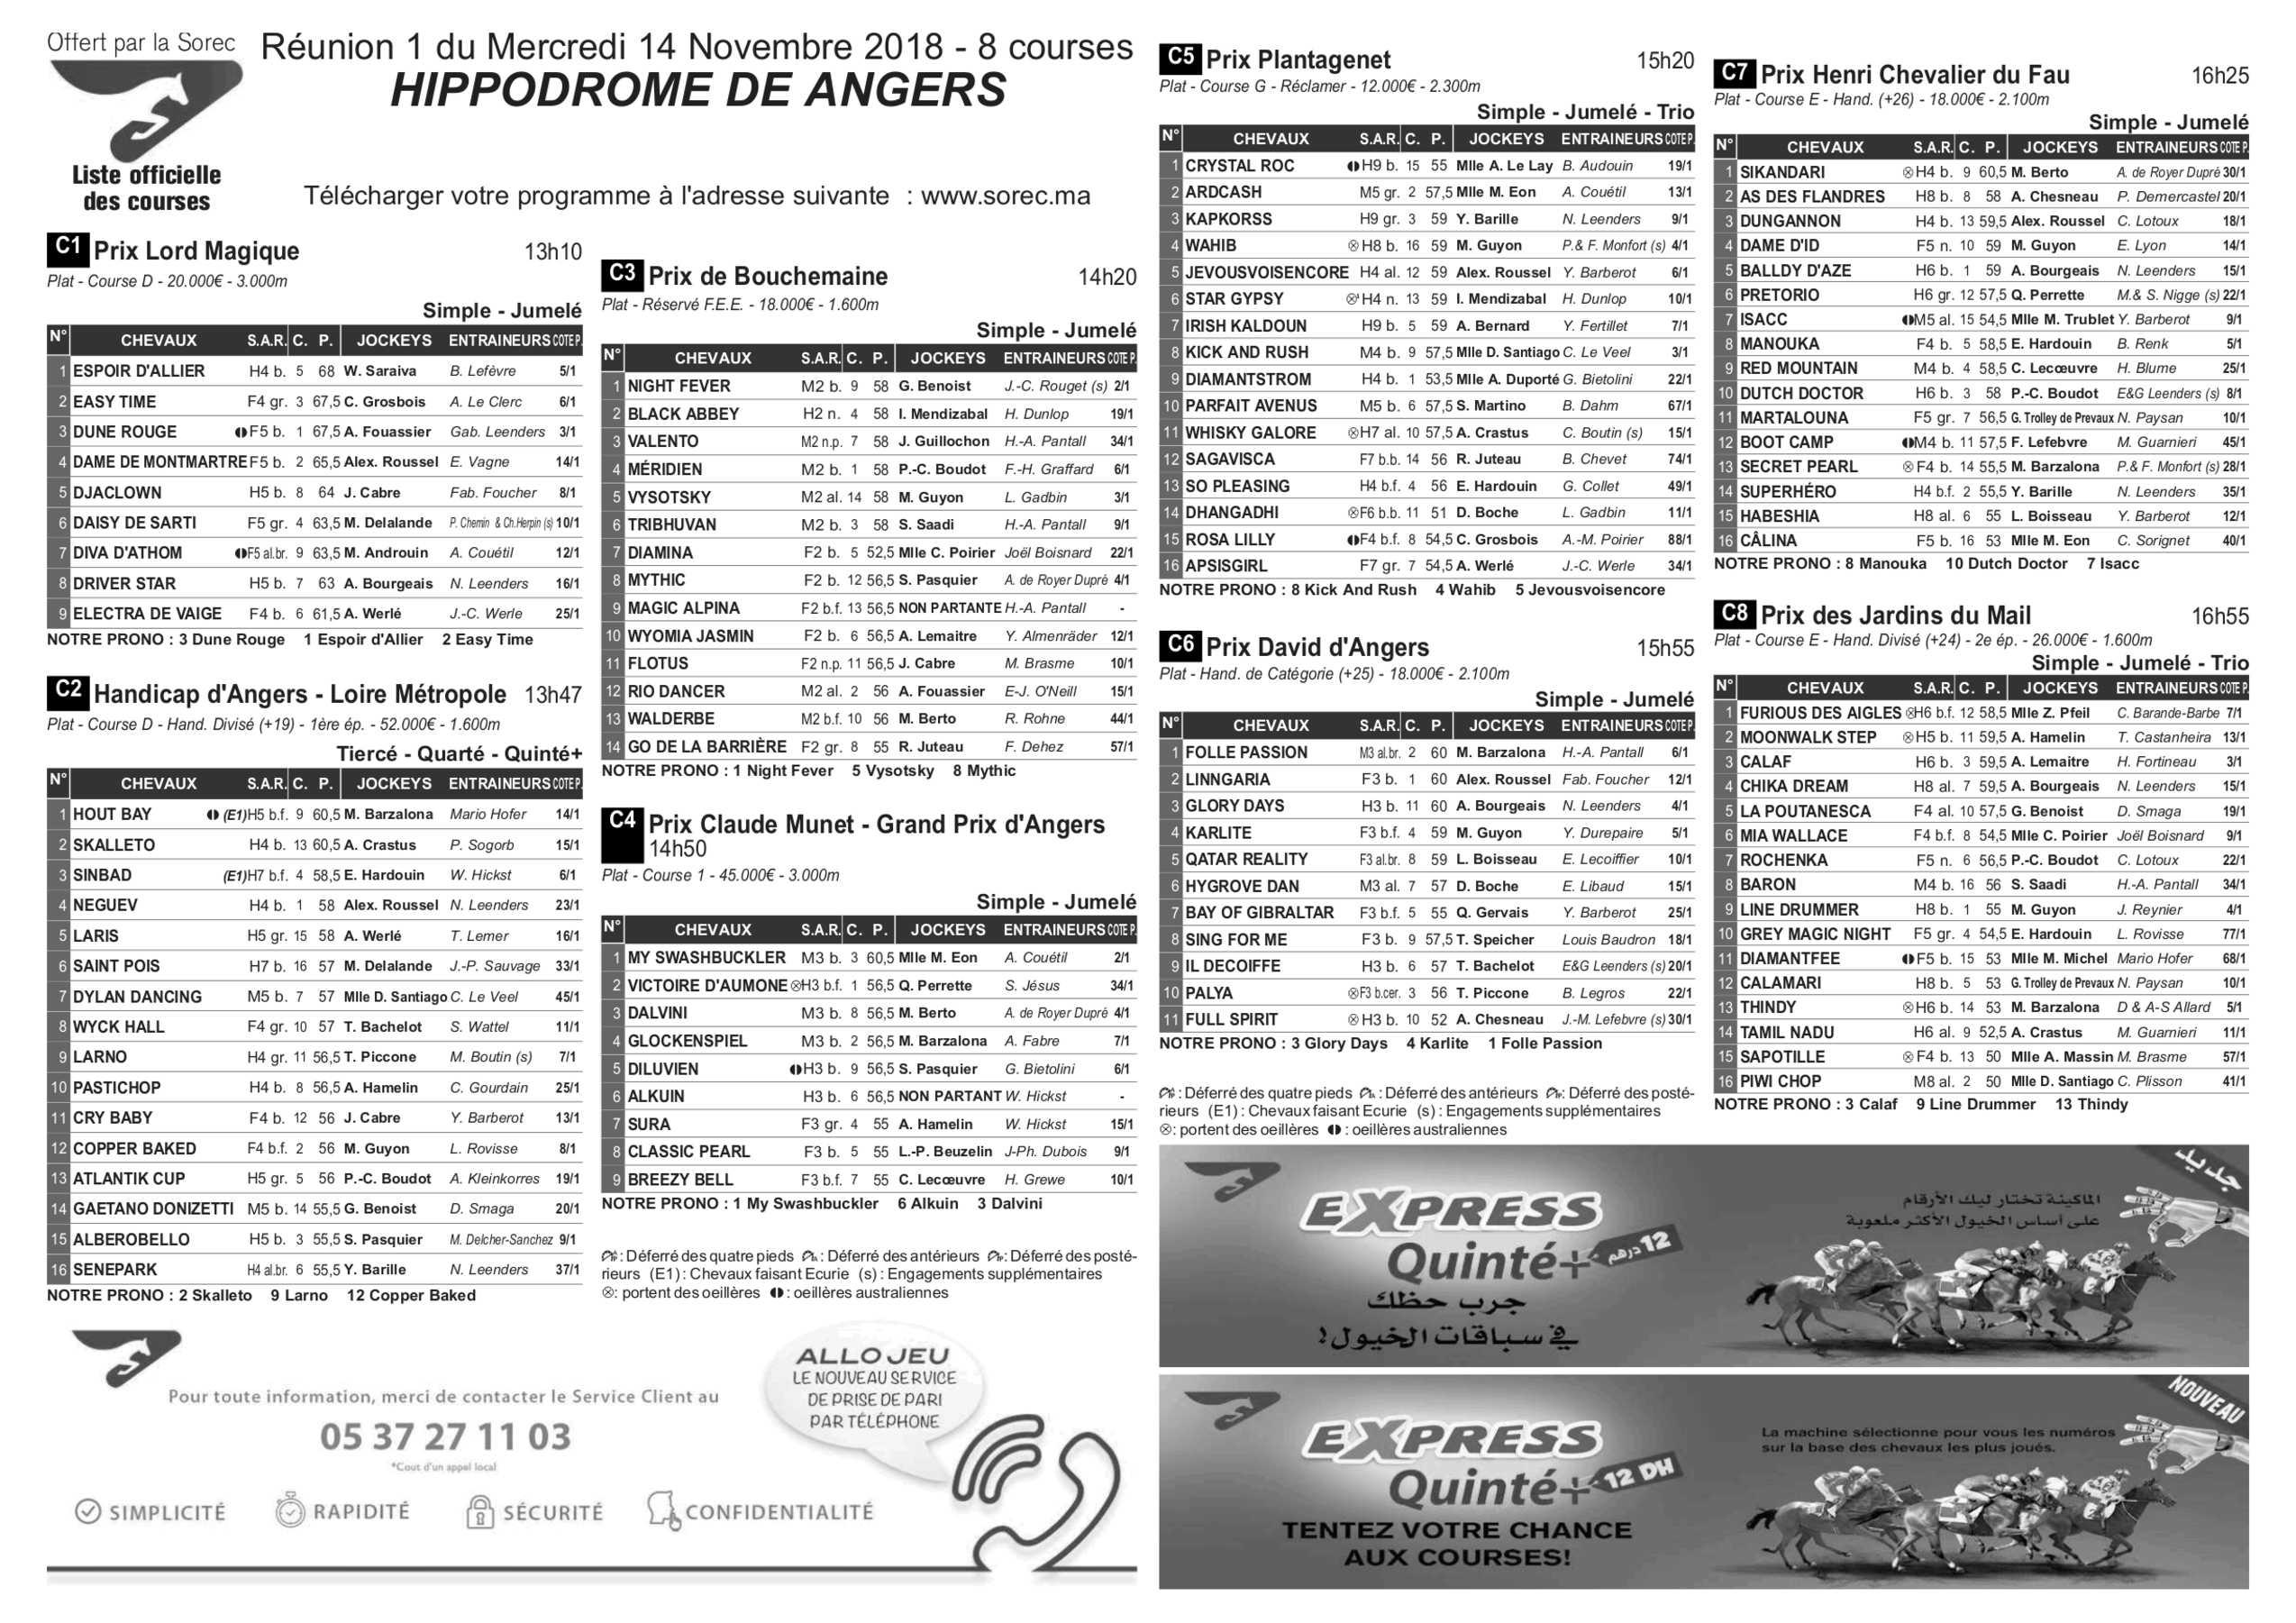 Programmes Turfpronos